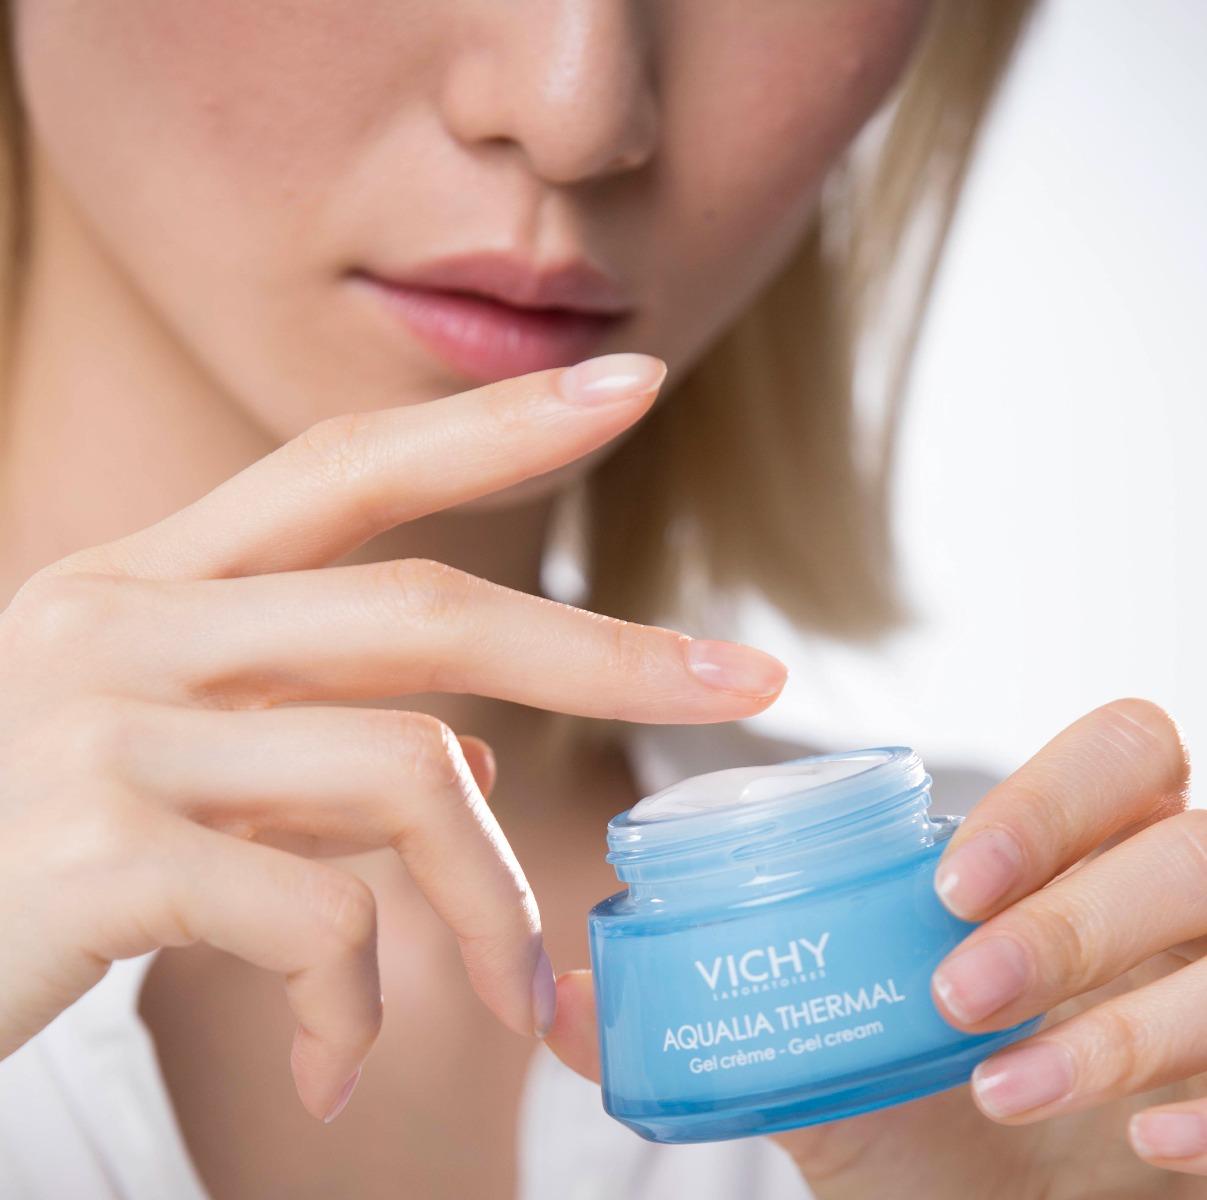 Vichy Aqualia Thermal Gel Cream